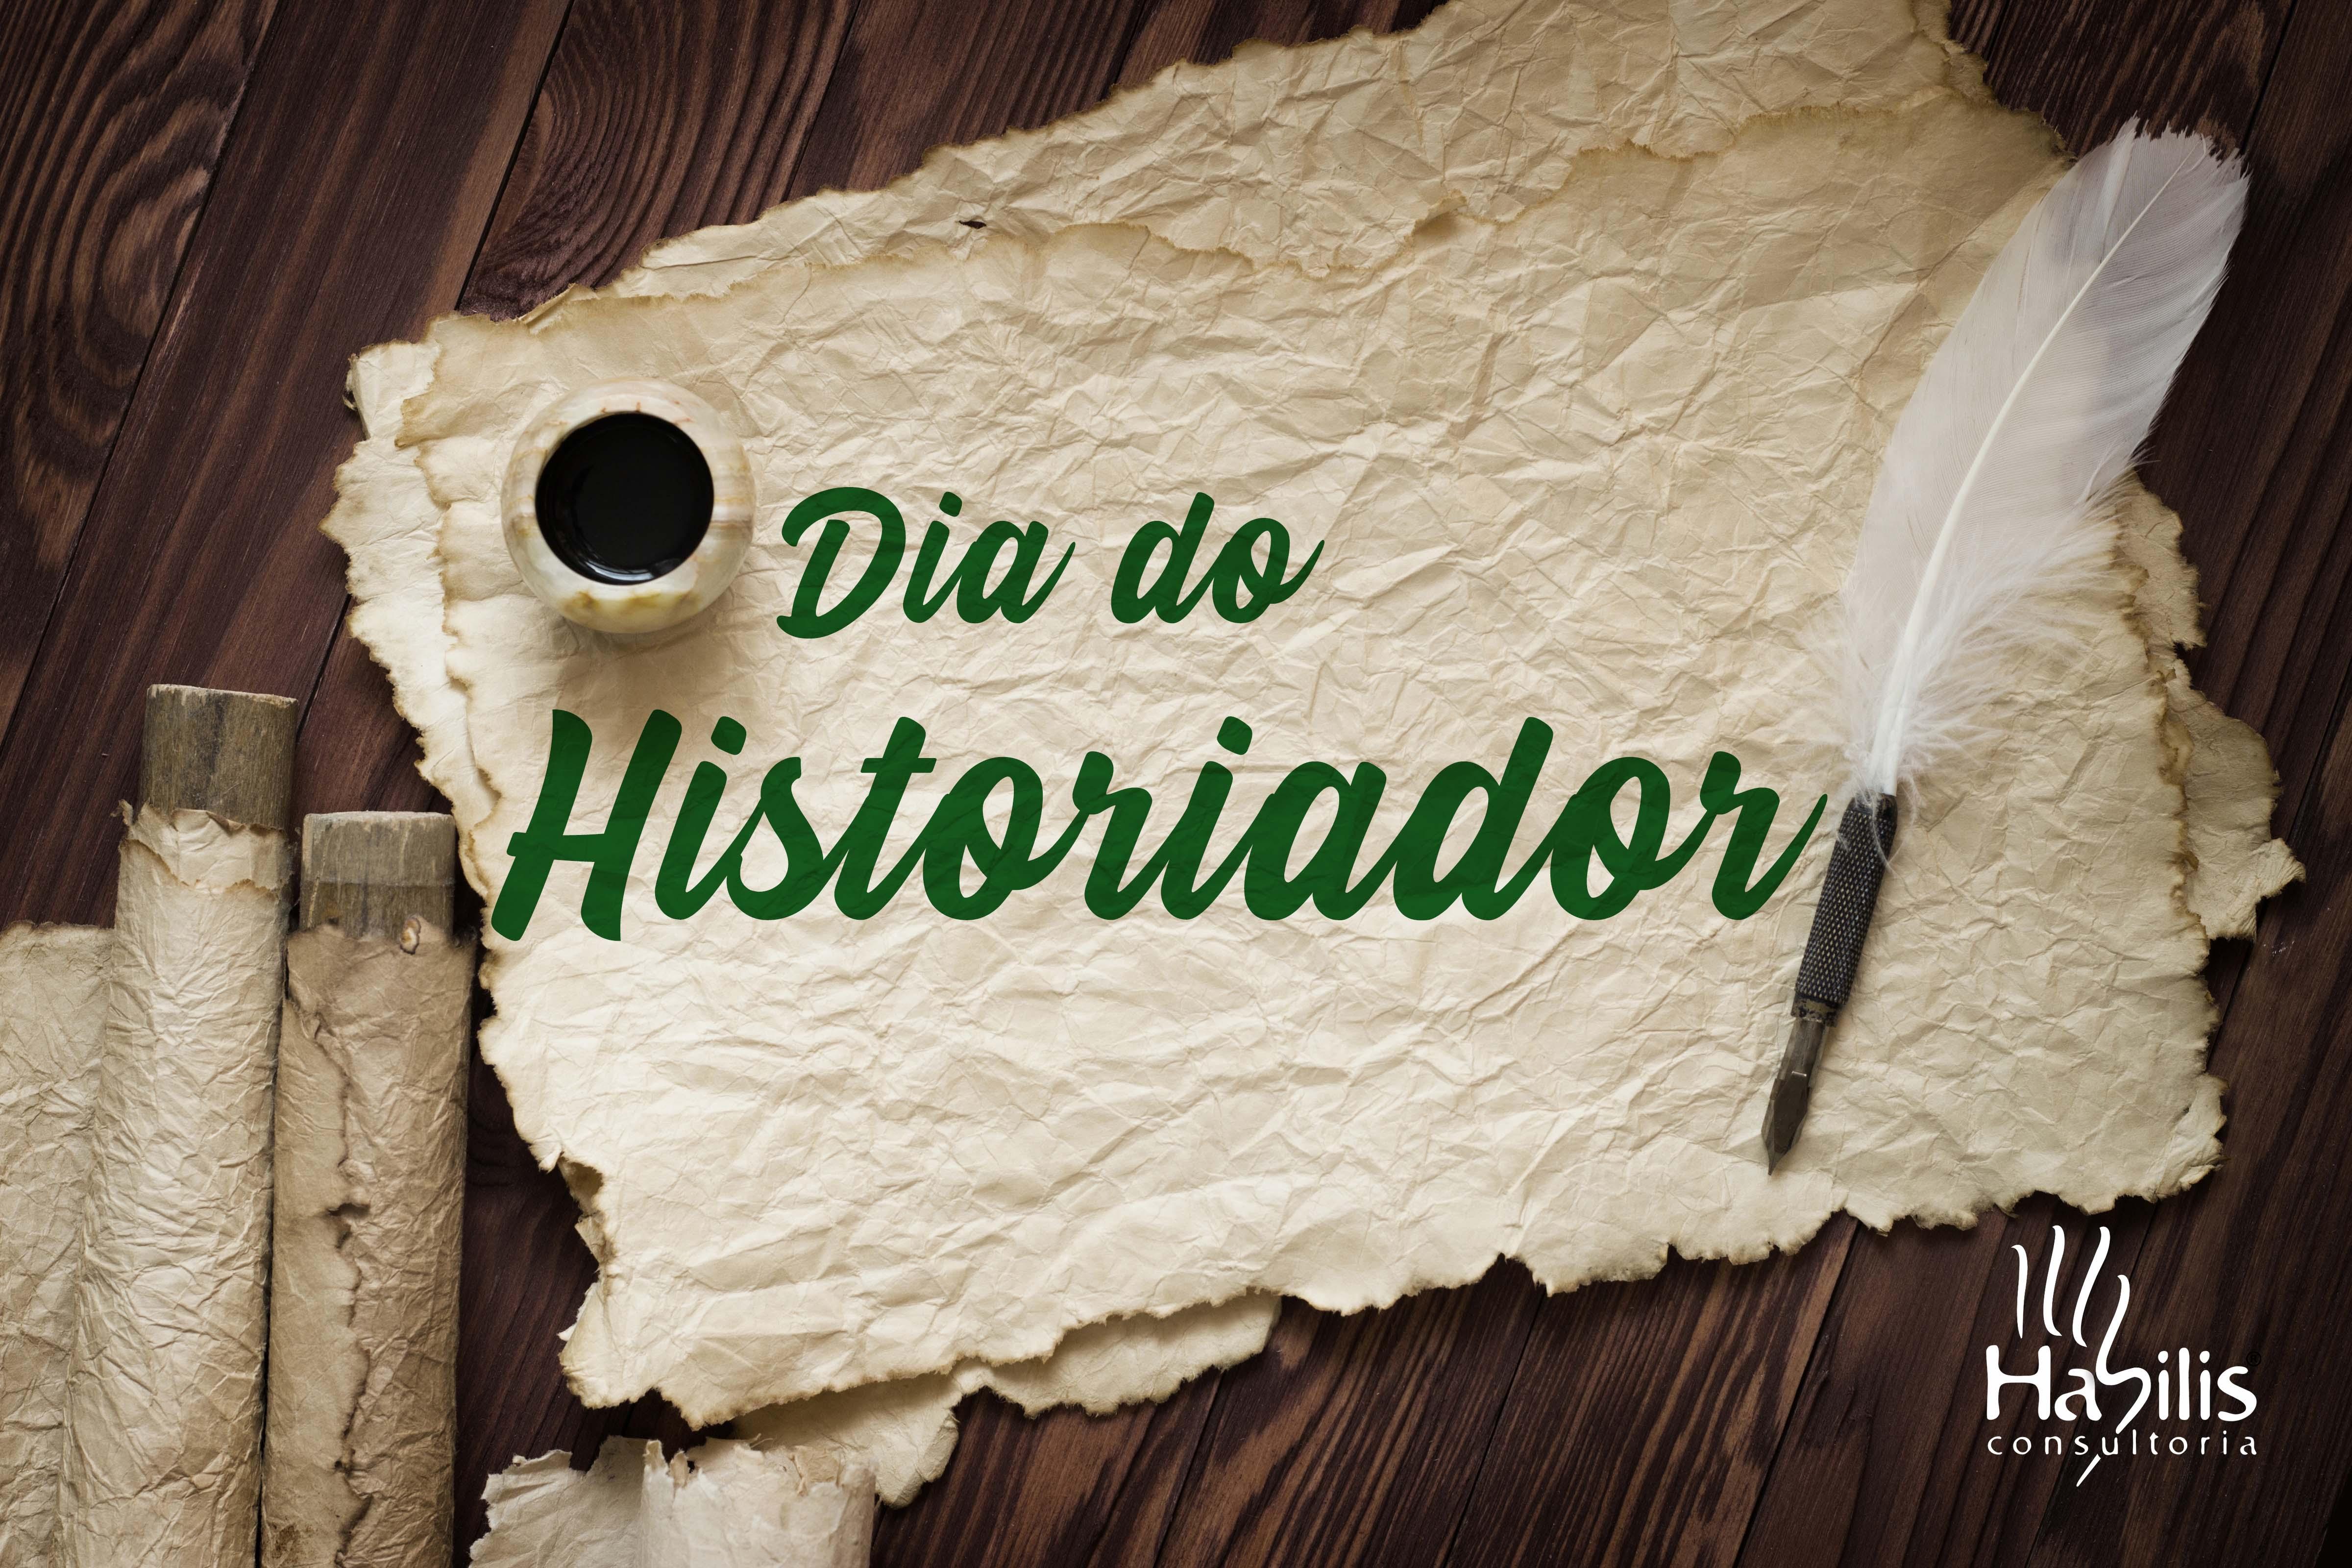 Imagem dia do historiador